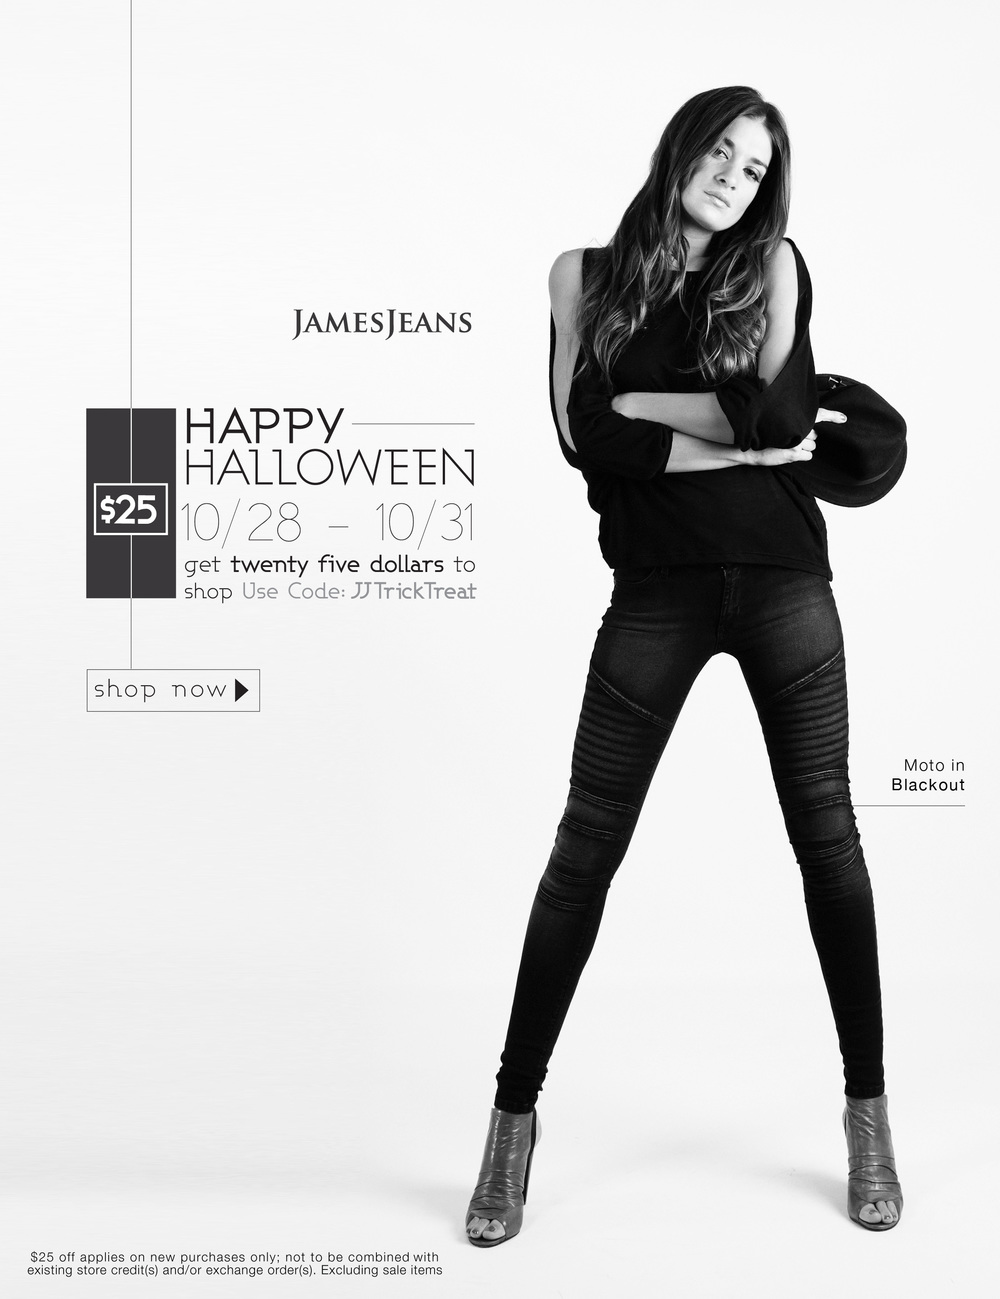 HappyHalloween_Oct2011.jpg